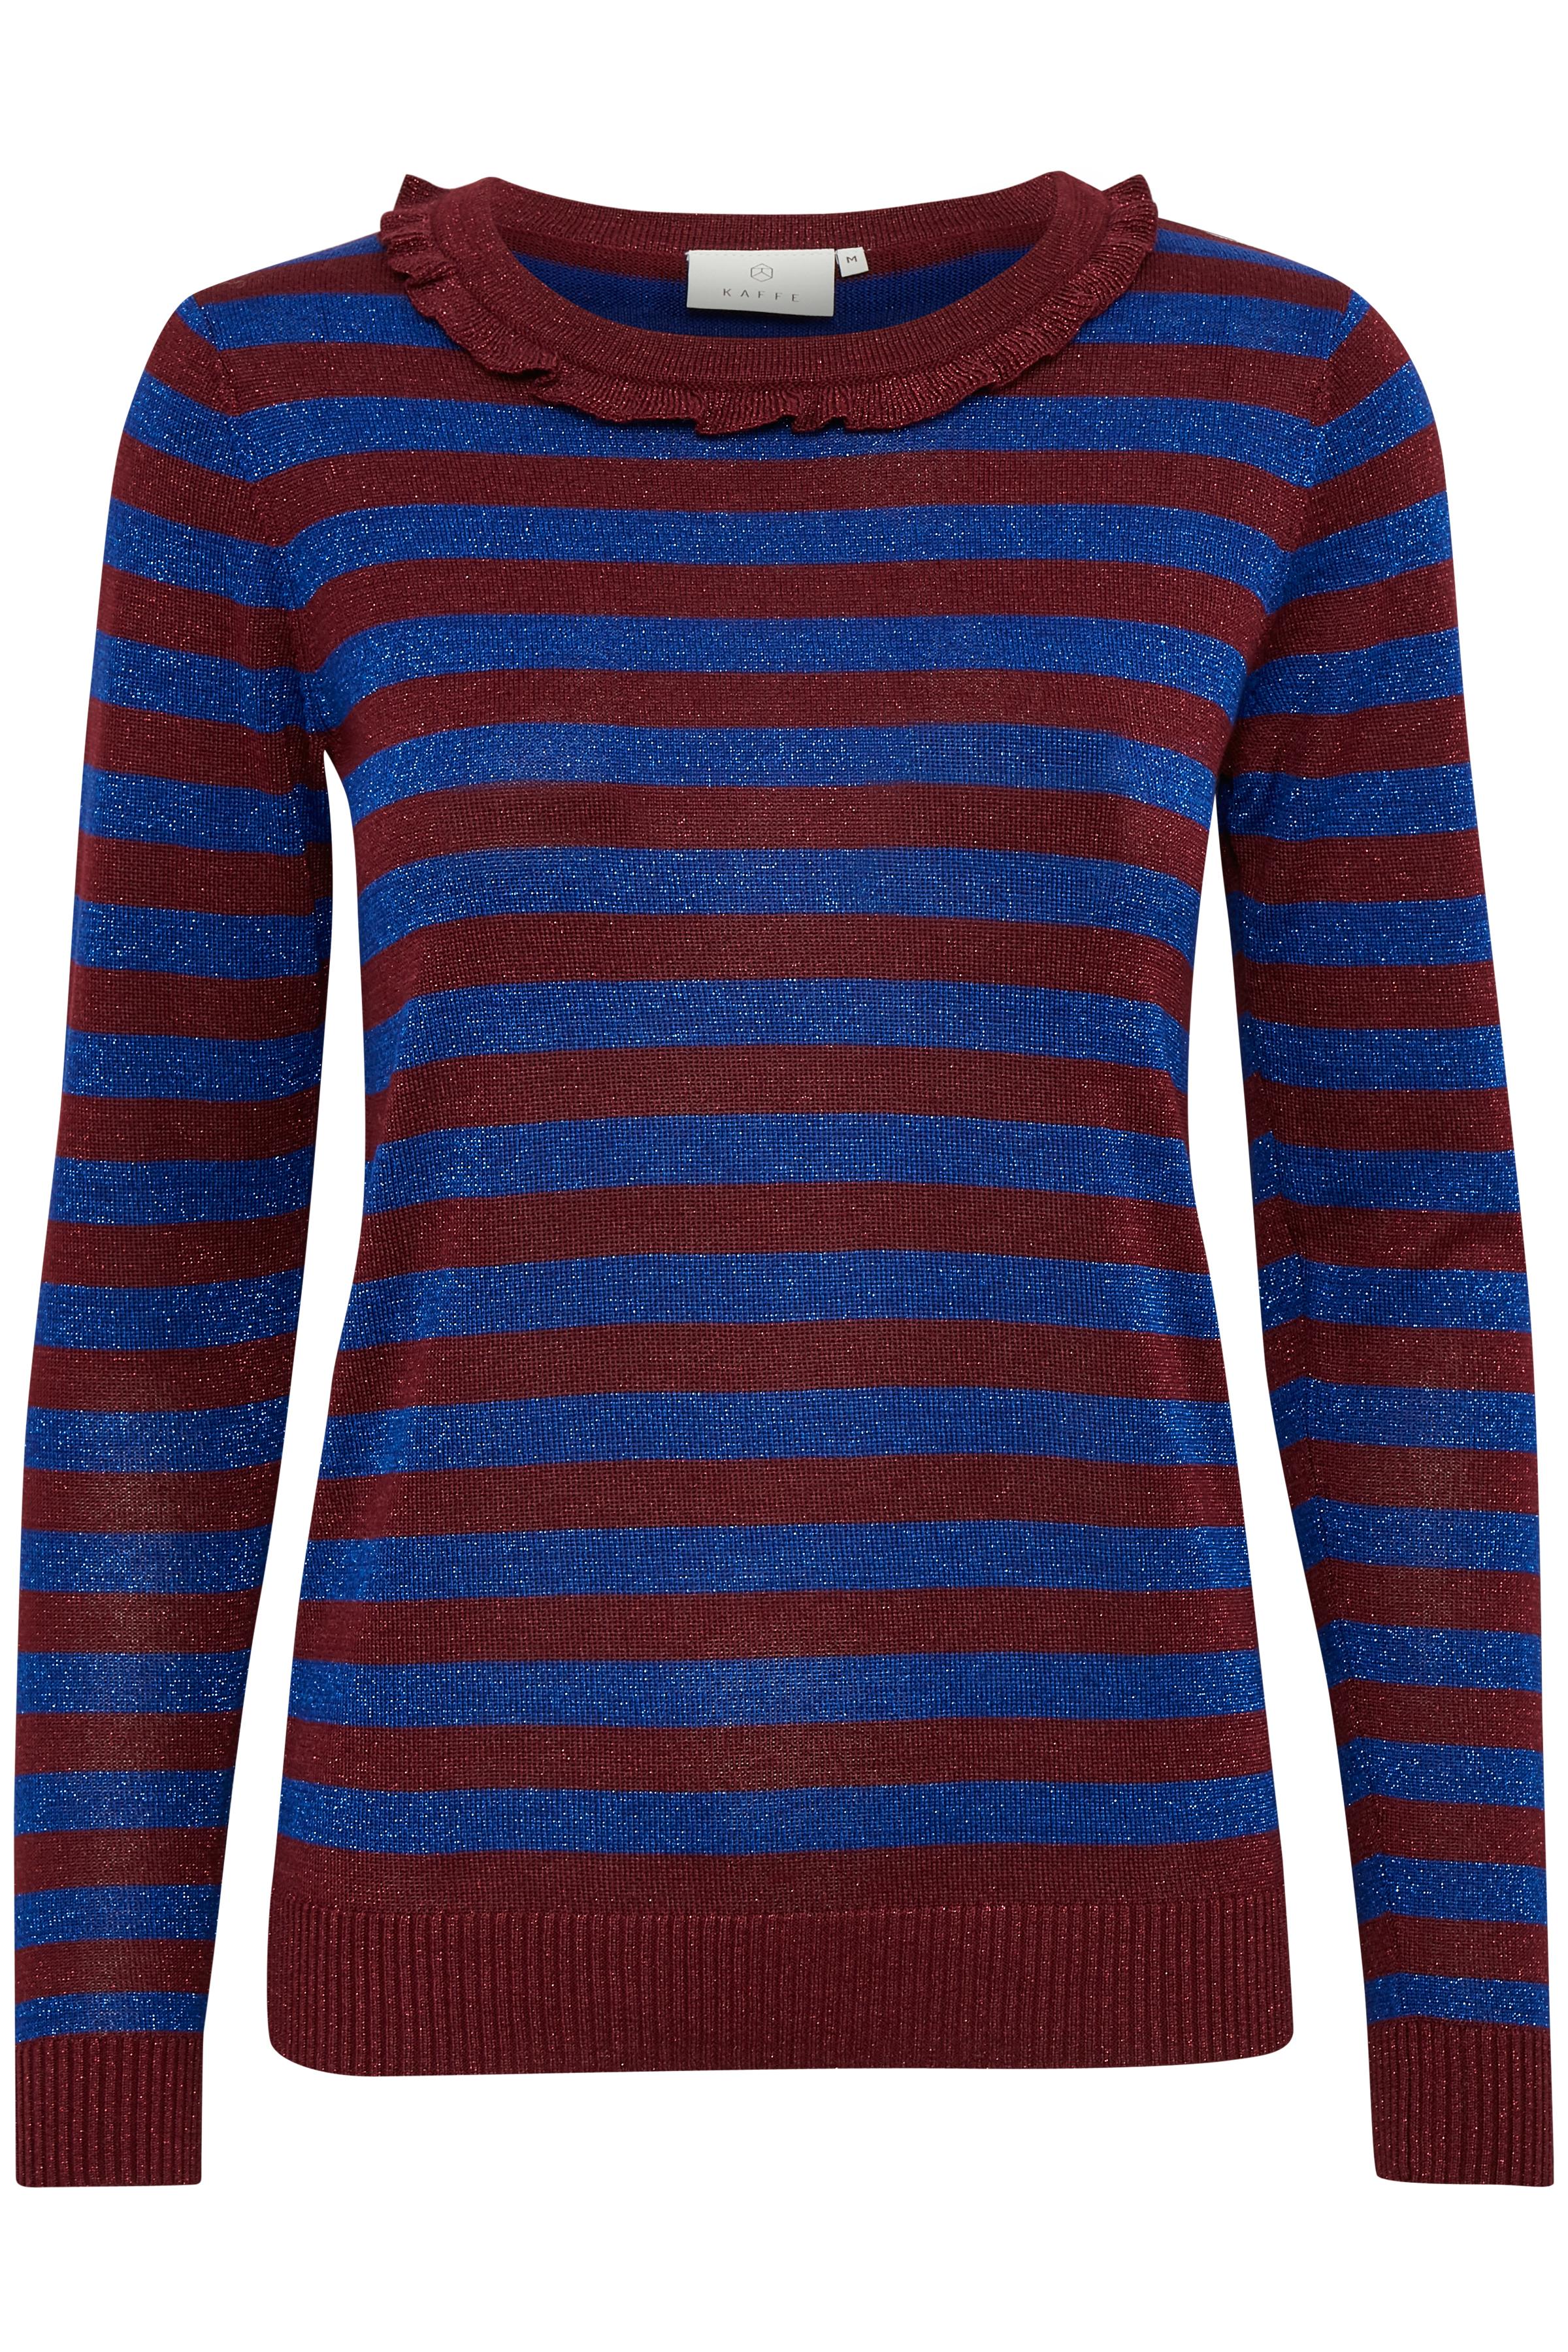 Mörk kobolt/marinblå Stickad pullover från Kaffe – Köp Mörk kobolt/marinblå Stickad pullover från stl. XS-XXL här